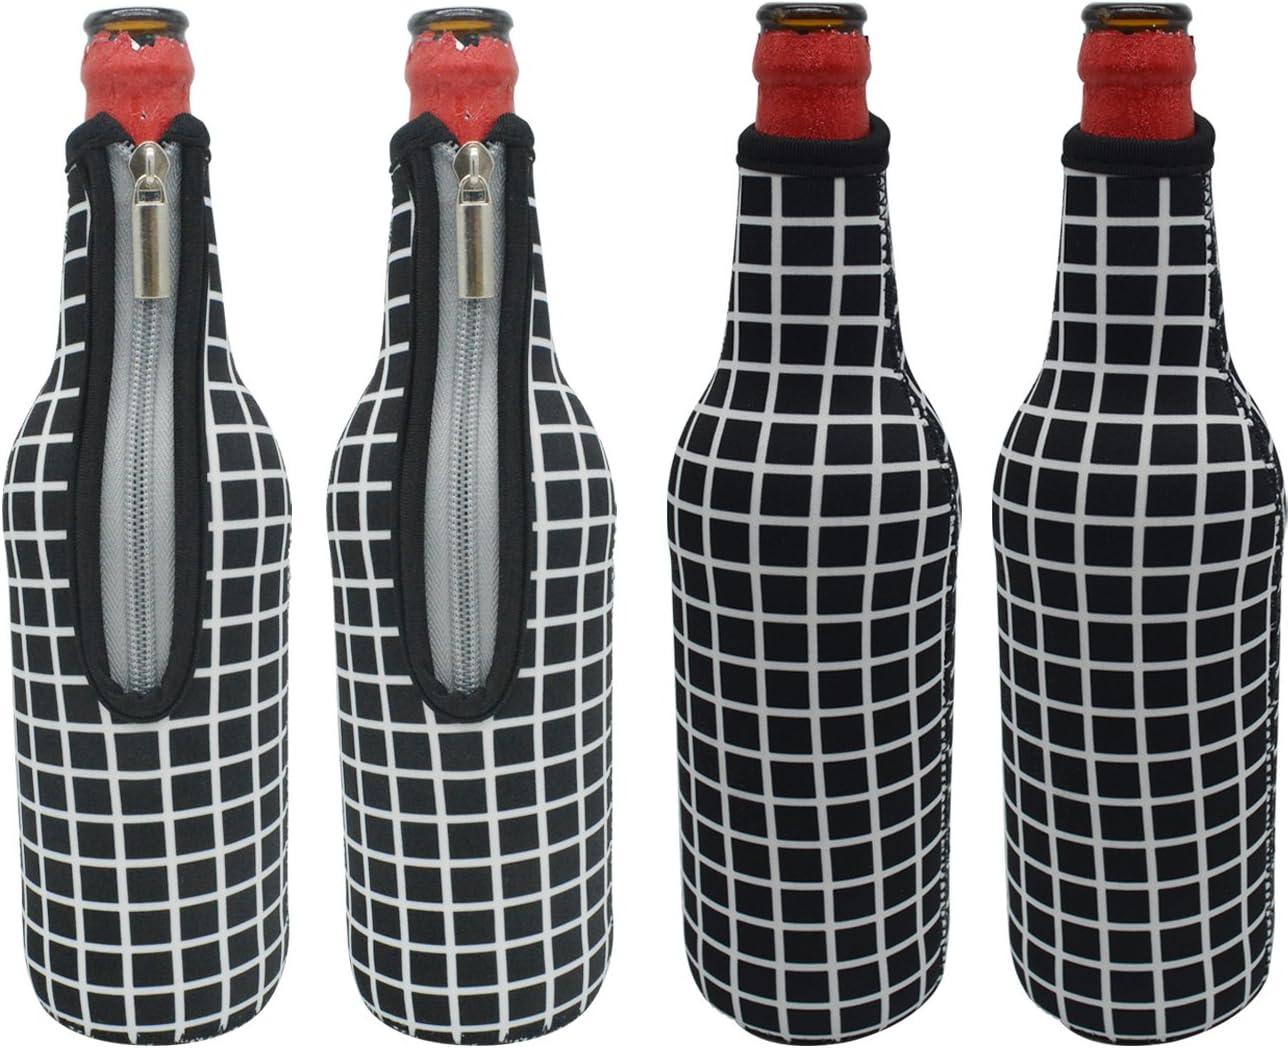 Orchidtent - Enfriador de botellas de cerveza con cremallera, 4 unidades de funda de neopreno aislado para botella de cerveza con funda de transporte para mantener tu bebida en casa (negro y niña)